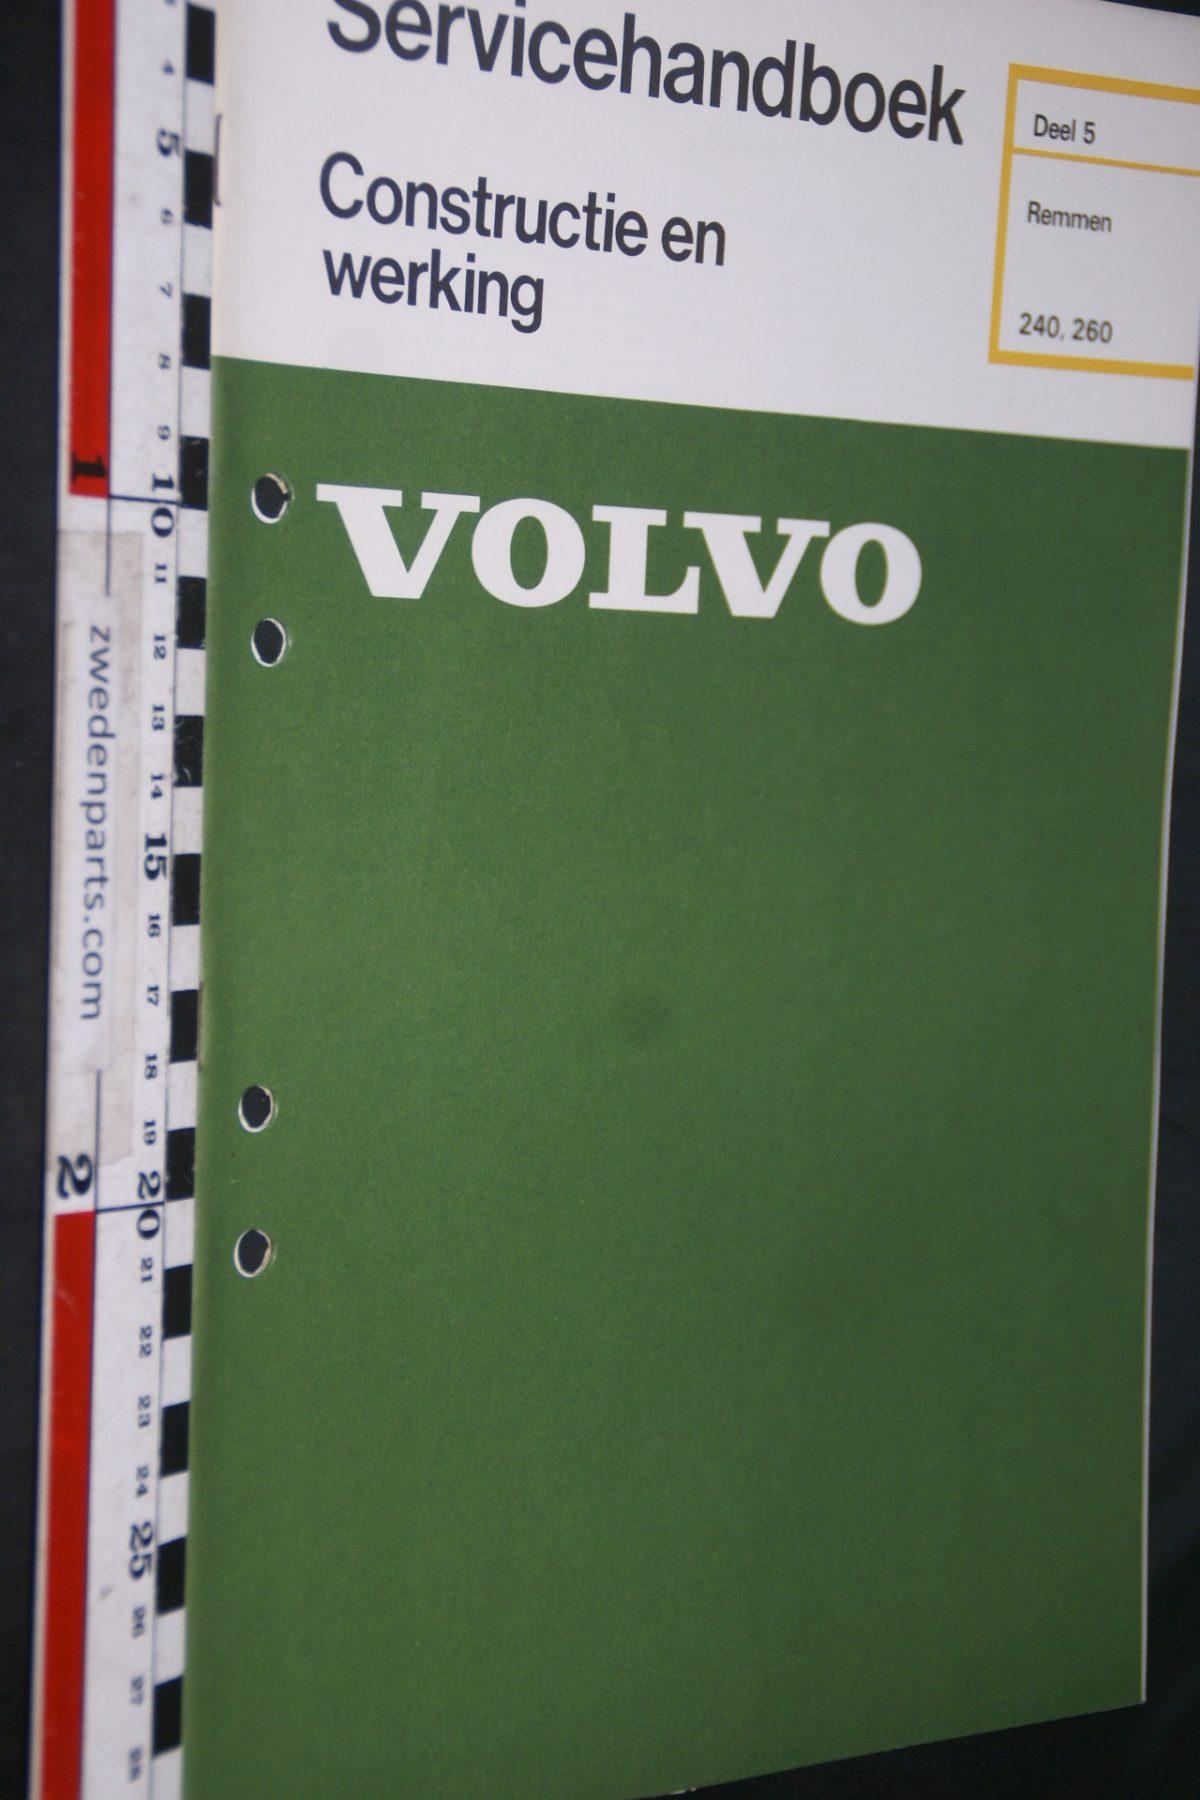 DSC06734 1976 origineel Volvo 240, 260 servicehandboek 5 remmen 1 van 800 TP 11482-1